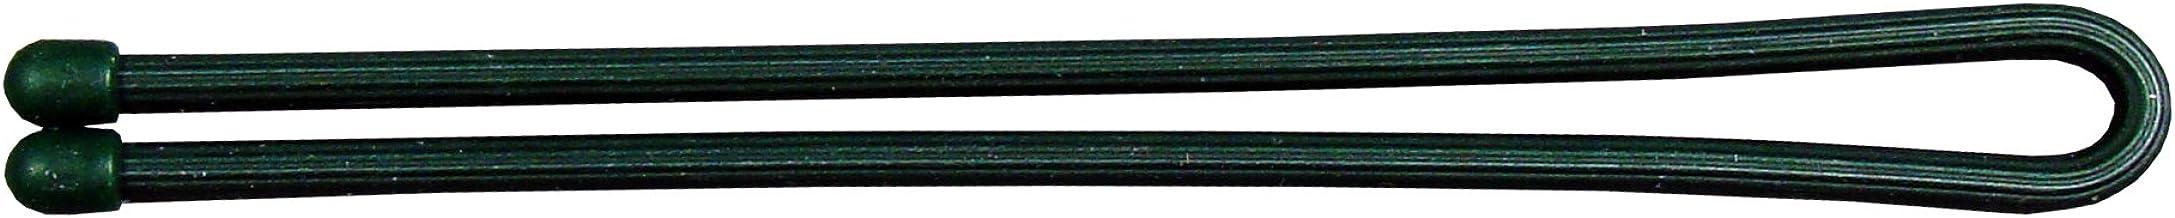 ربطة عنق ملتوية مطاطية قابلة لإعادة الاستخدام من نايت آيز، 30.48 سم، أخضر داكن، قطعتان